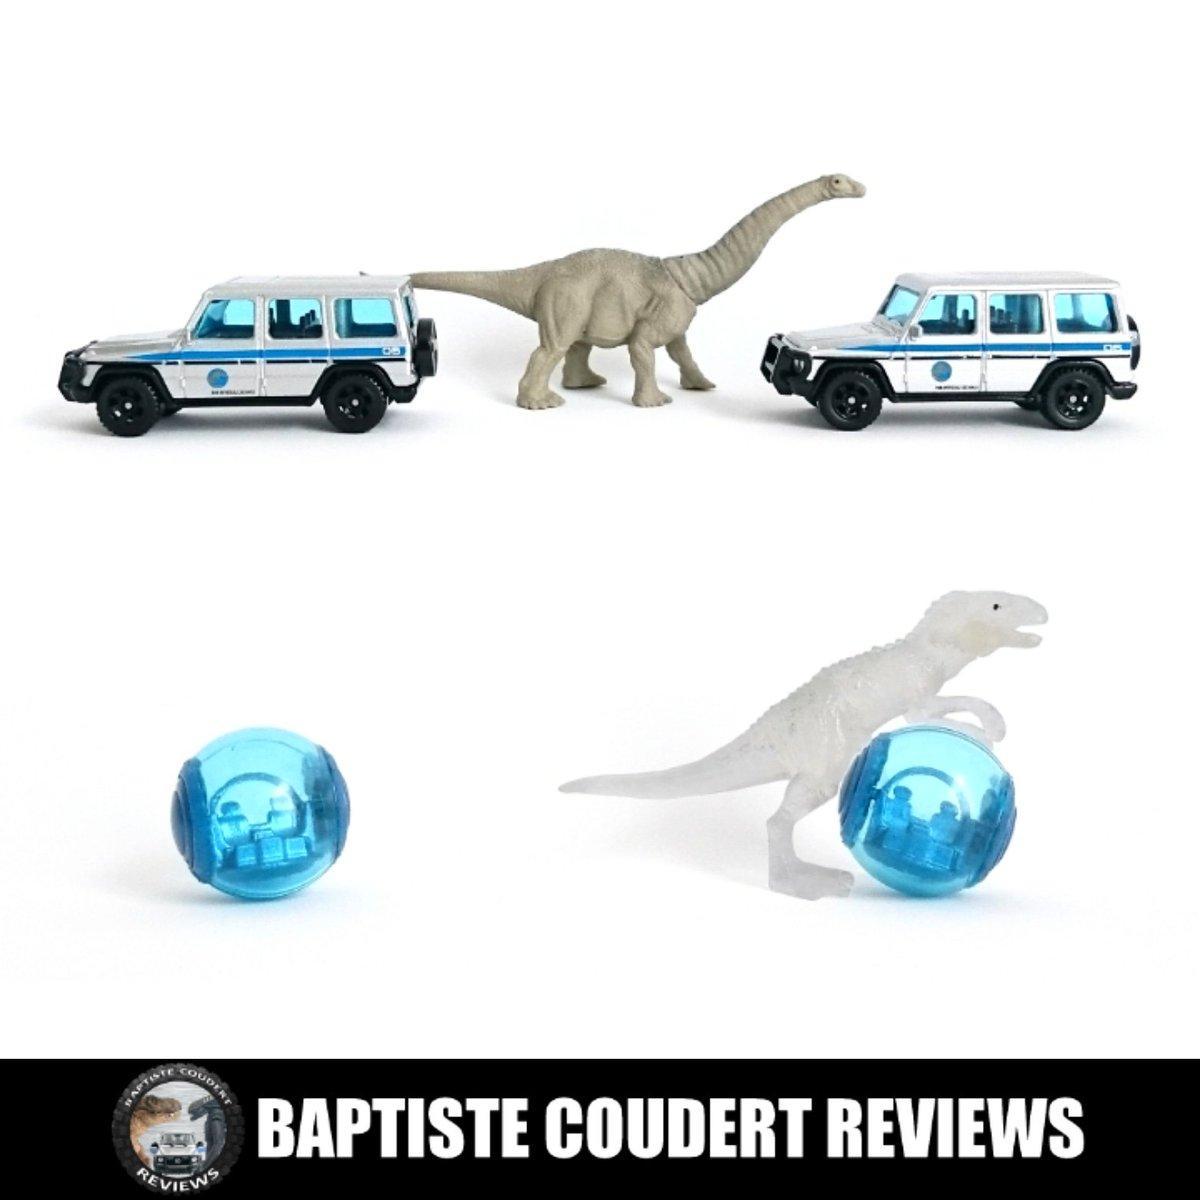 Welcome to Jurassic World ! @Mattel @MATCHBOX_WORLD #Mattel #Matchbox #JurassicWorld #MatchboxJurassicWorld #JurassicPark #FallenKingdom #MercedesBenz #G550  #Gwagon #Gclass #JurassicWorldGclass #Gyrosphere #Dinosaurs #Apatosaurus #Indominusrex